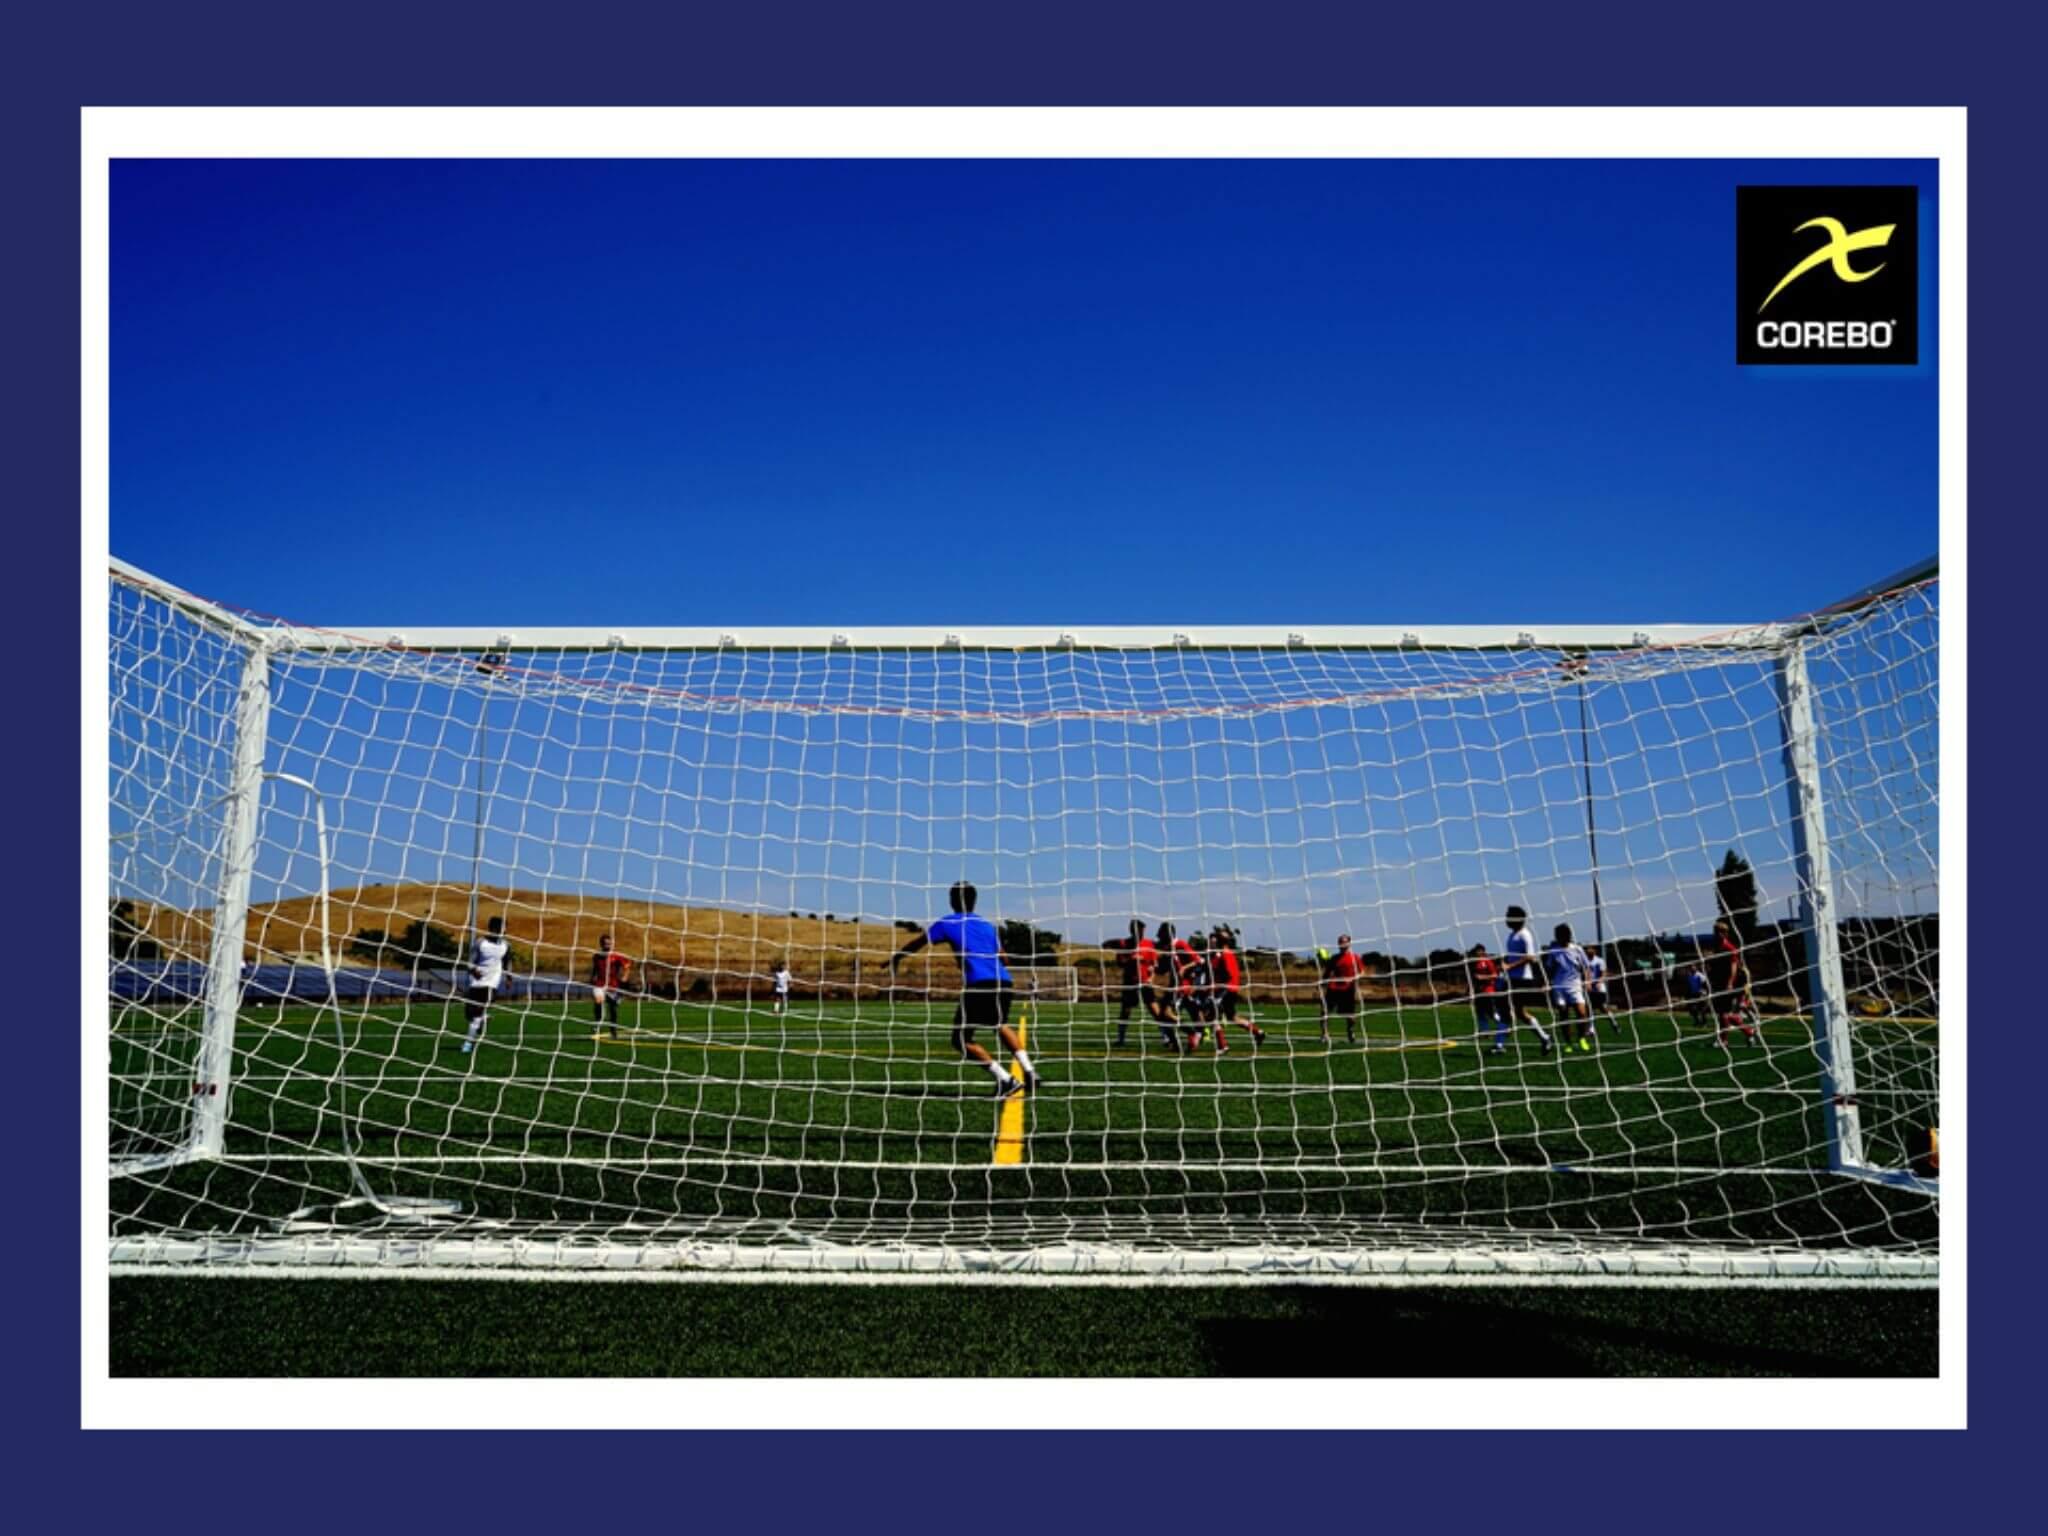 Le Situazioni di goal